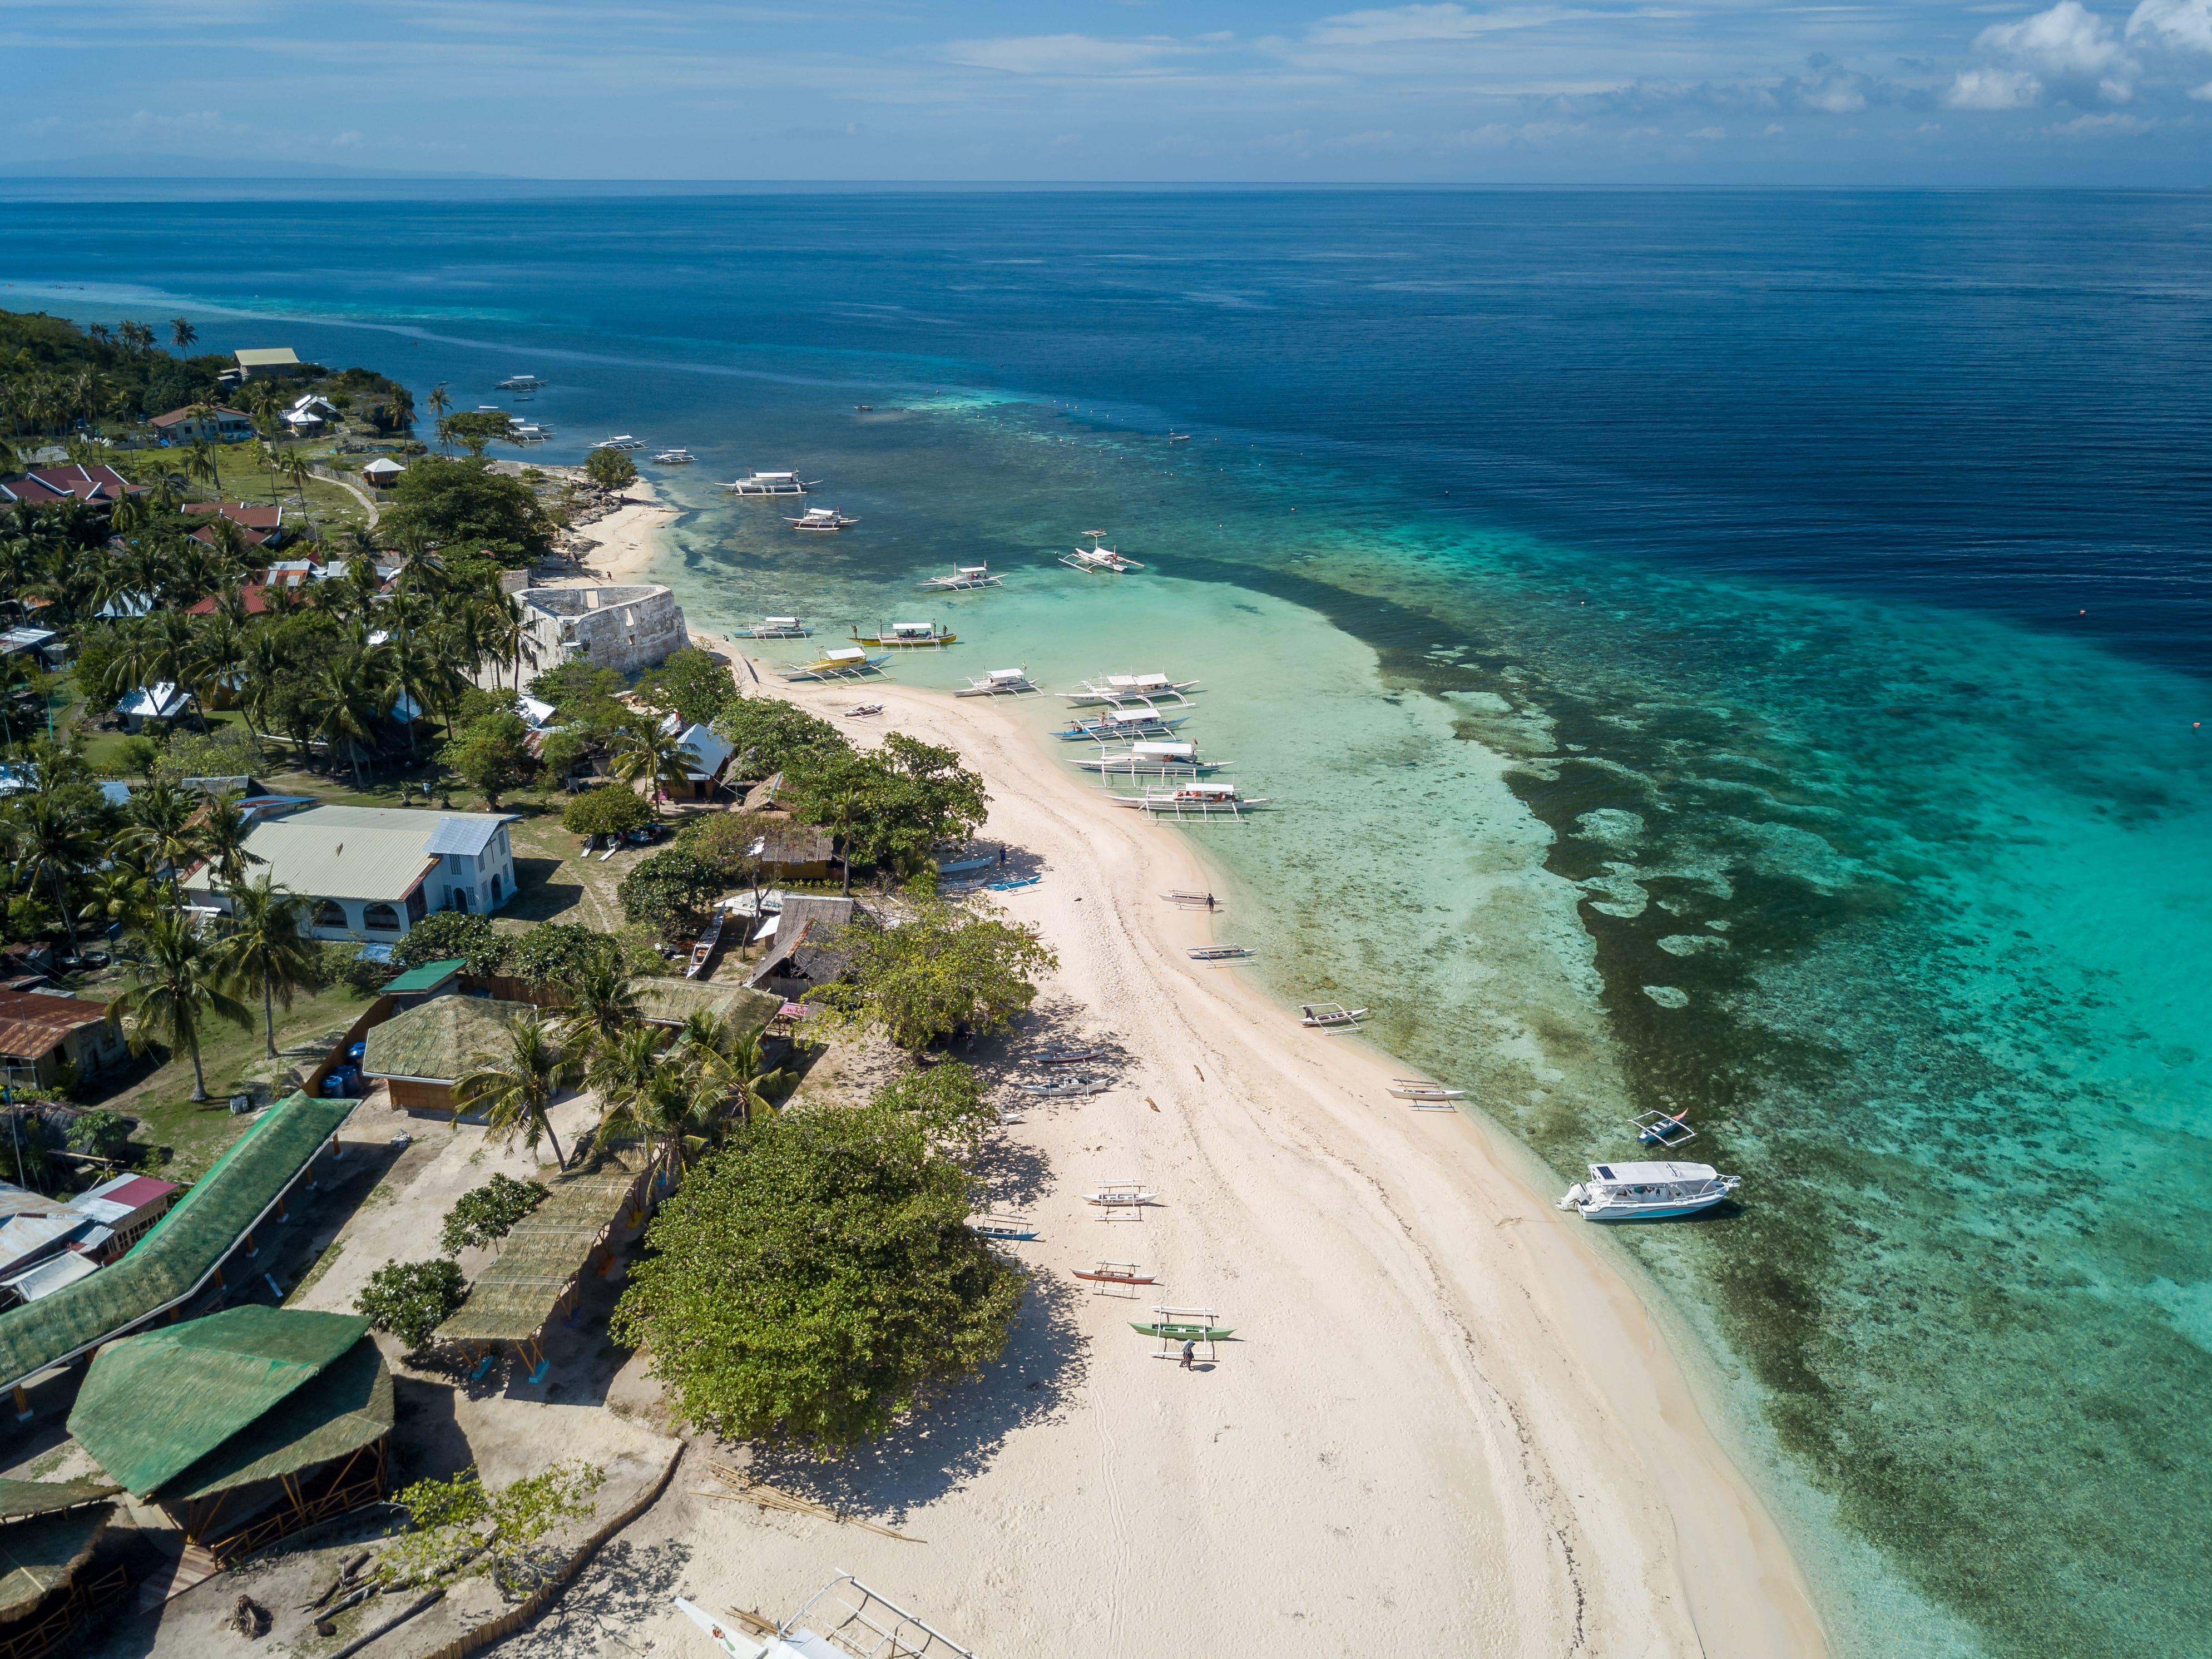 White sand beach in Pamilacan Island, Bohol